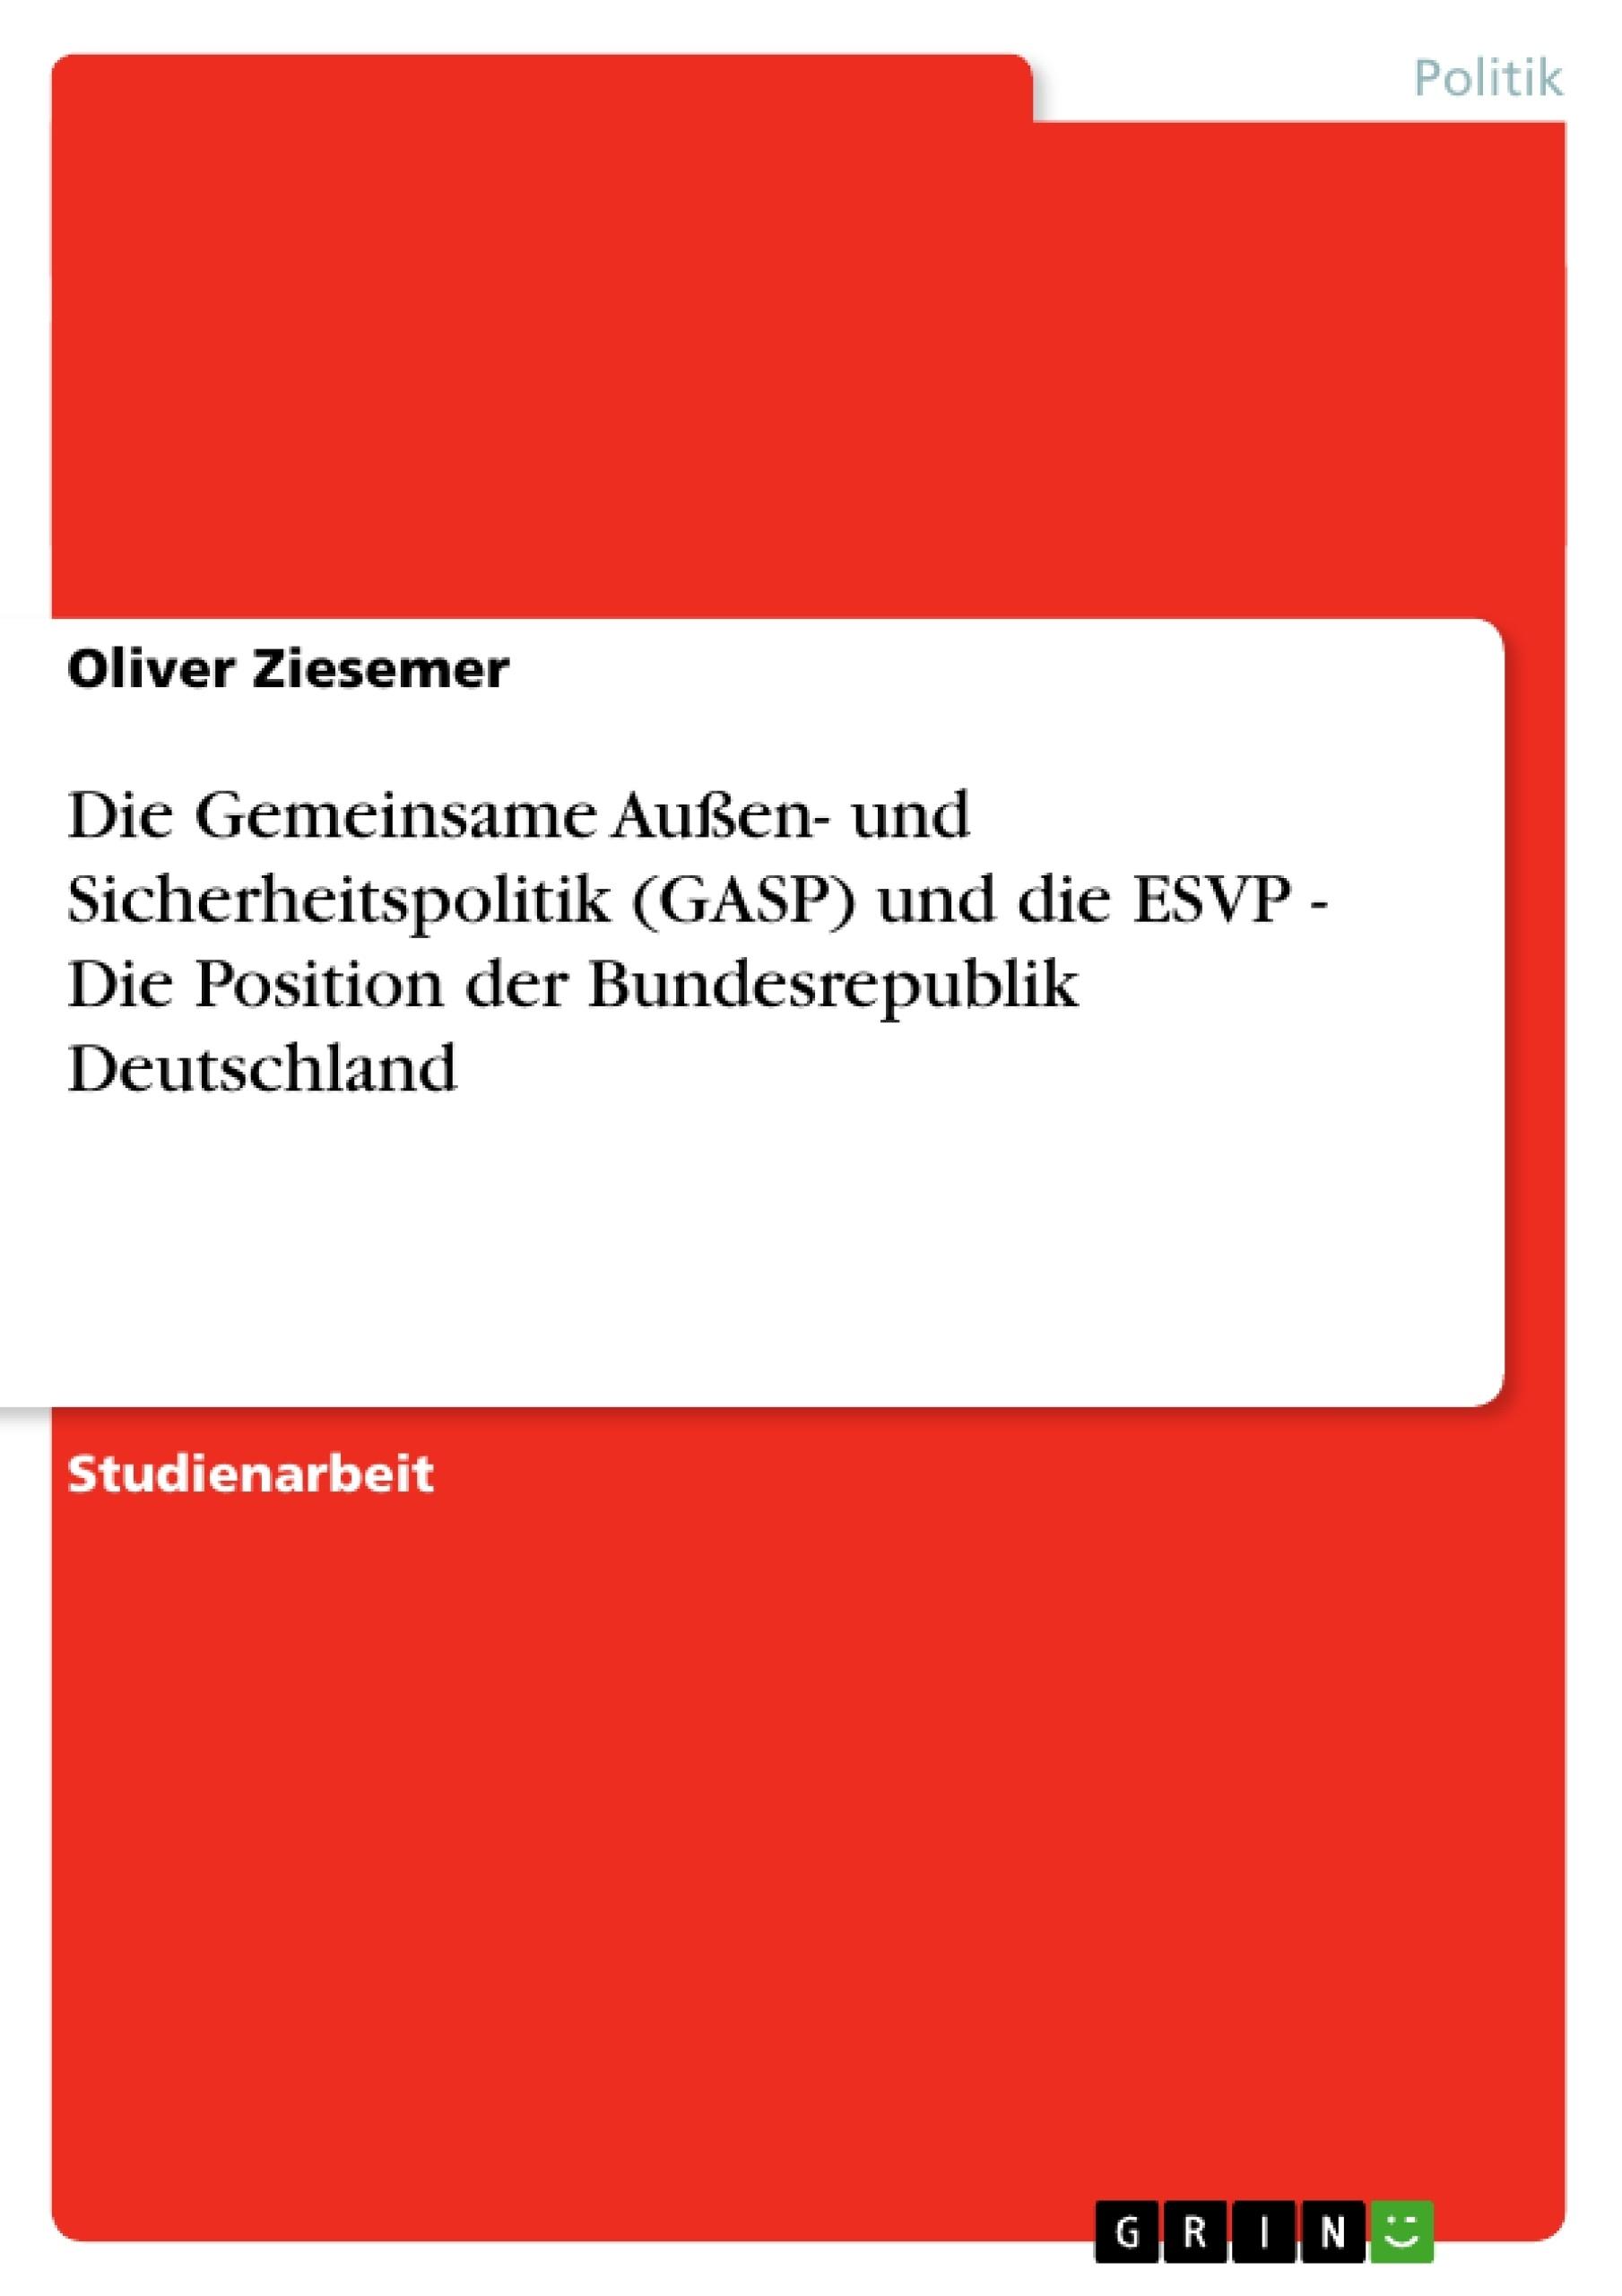 Titel: Die Gemeinsame Außen- und Sicherheitspolitik (GASP) und die ESVP - Die Position der Bundesrepublik Deutschland